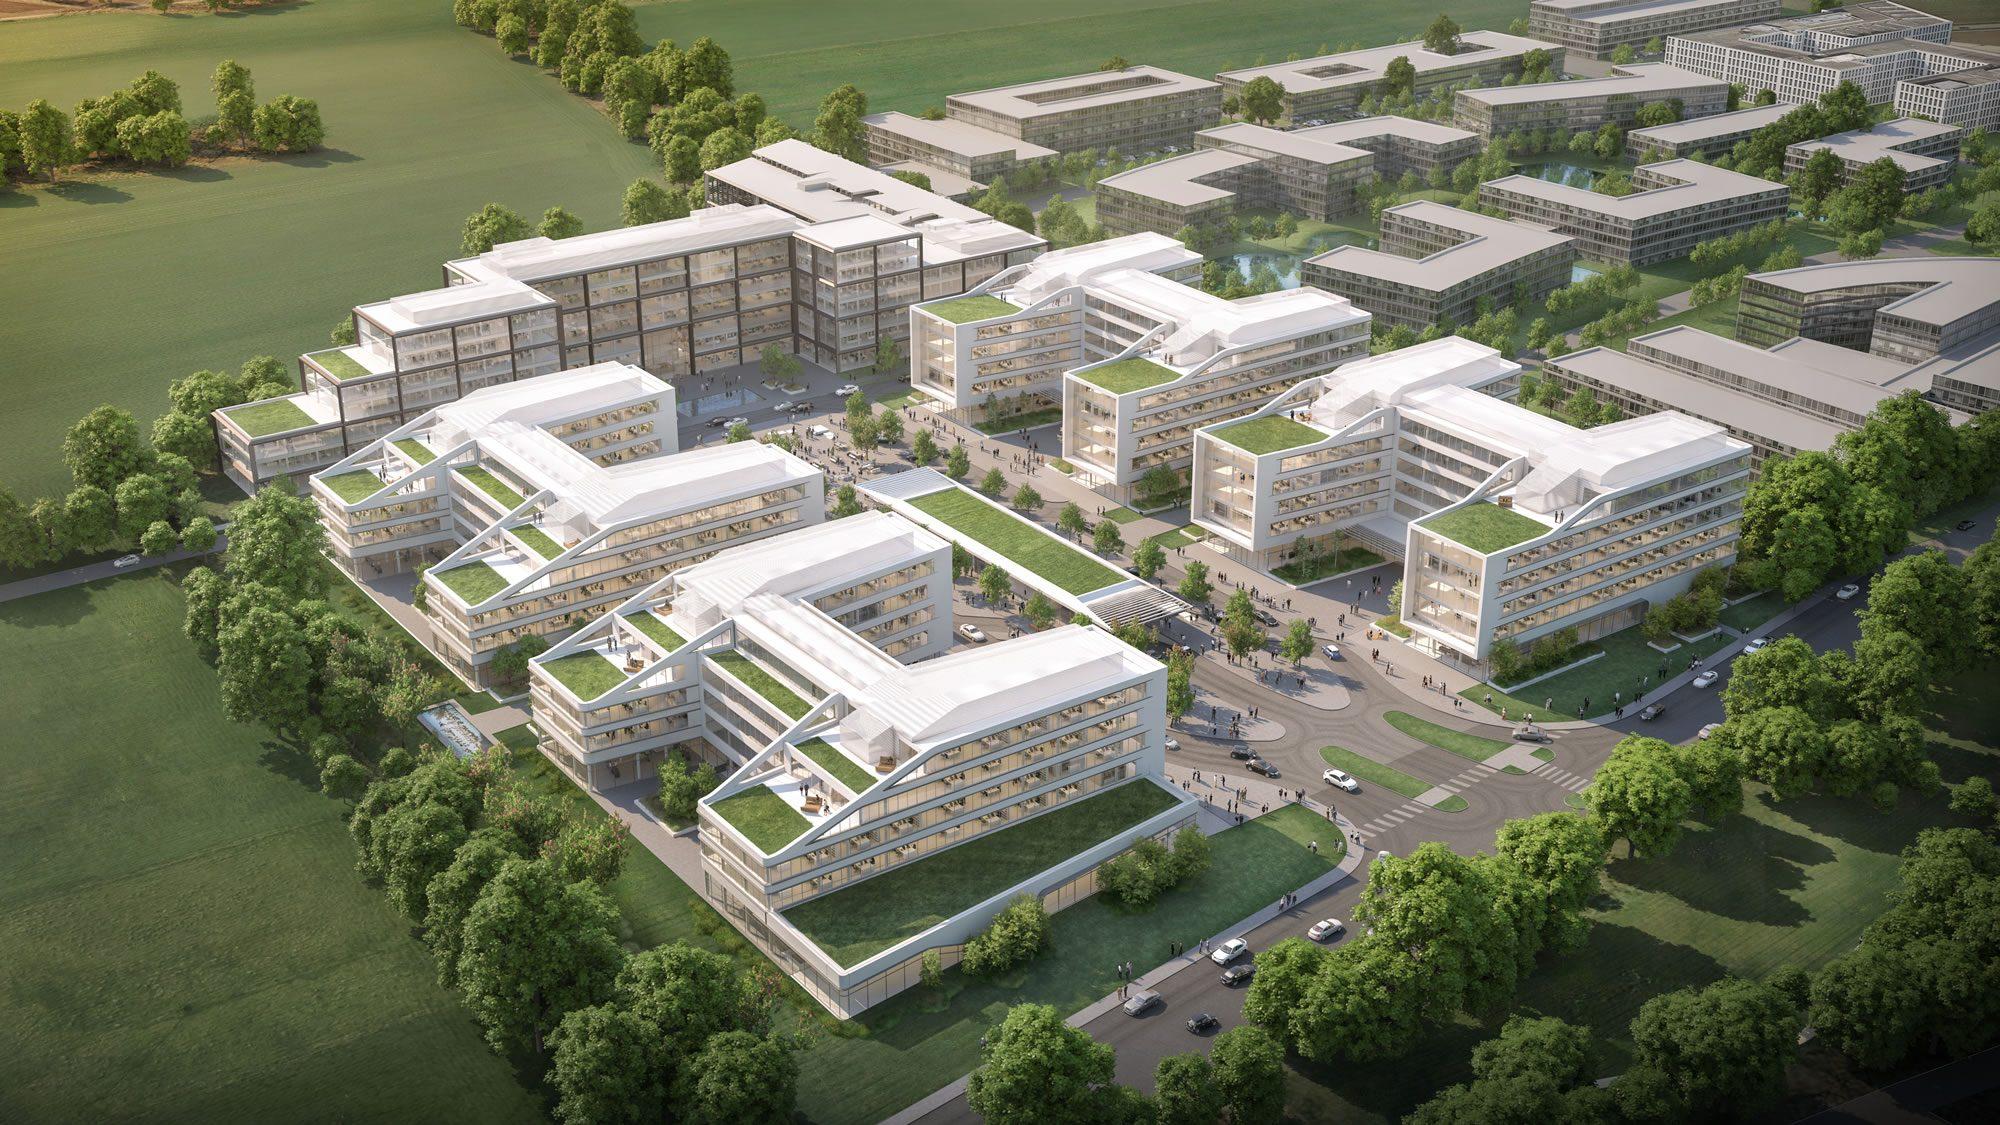 Koryfeum_02 Vogelperspektive Campus Phase II 010_Koryfeum Unterschleissheim (1)